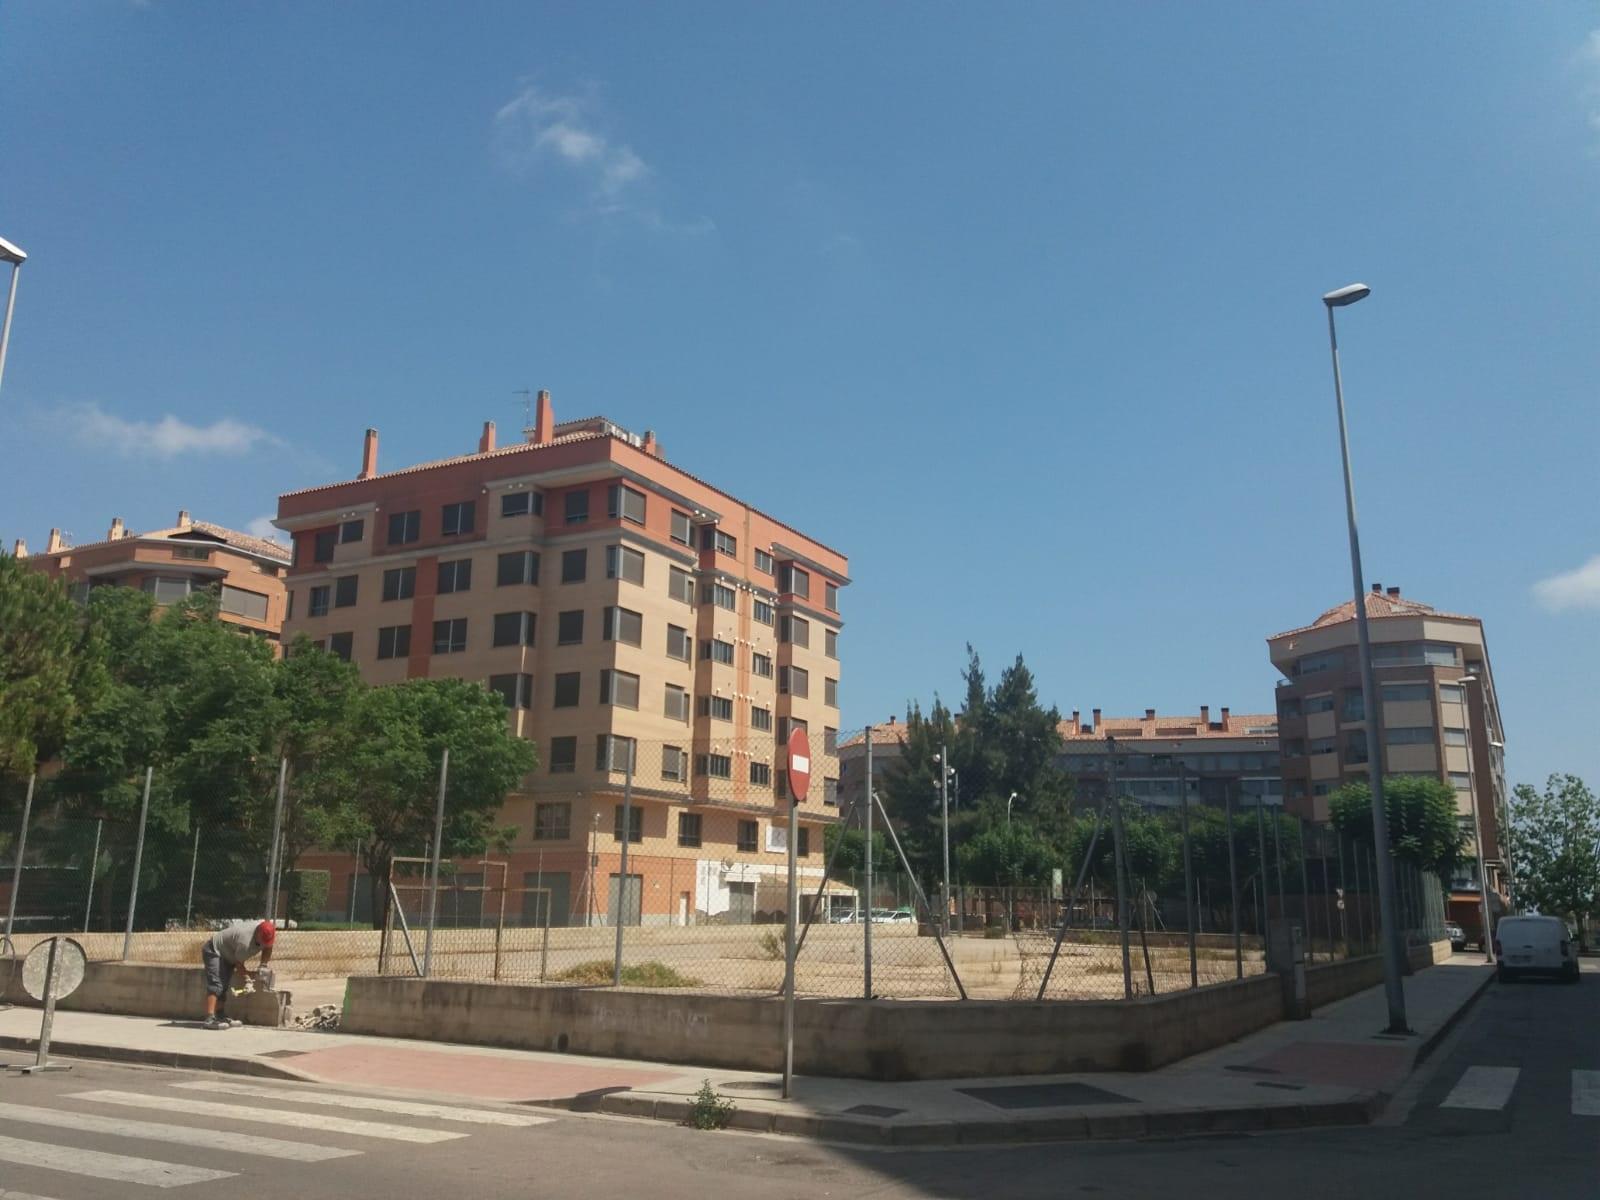 Territorio habilita un nuevo aparcamiento con 52 plazas en la calle Jaume Roig.